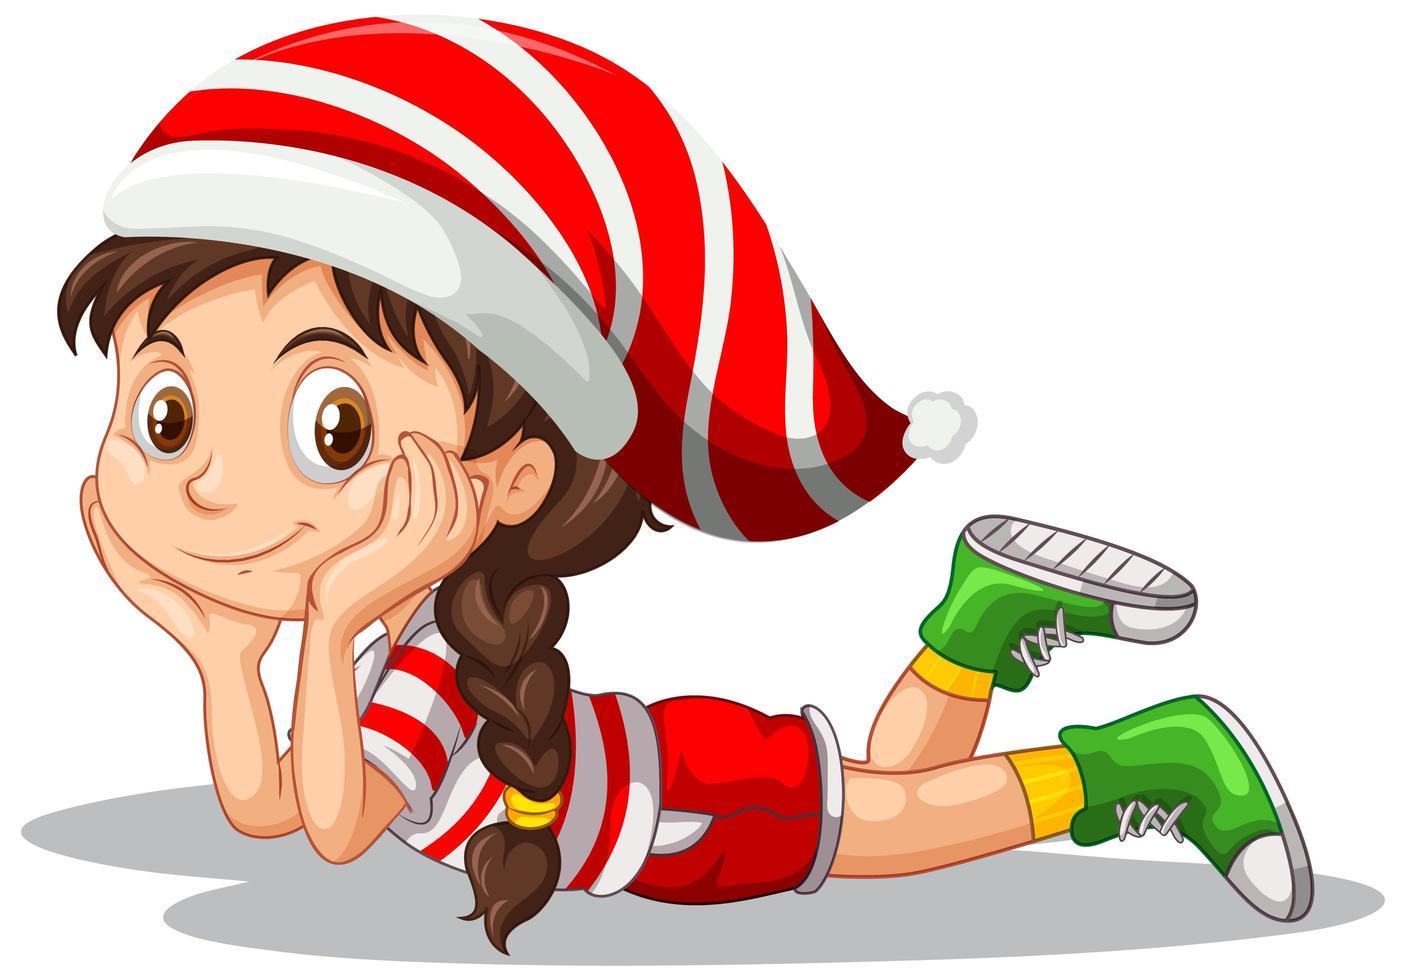 süßes Mädchen in der Weihnachtskostüm-Zeichentrickfigur vektor